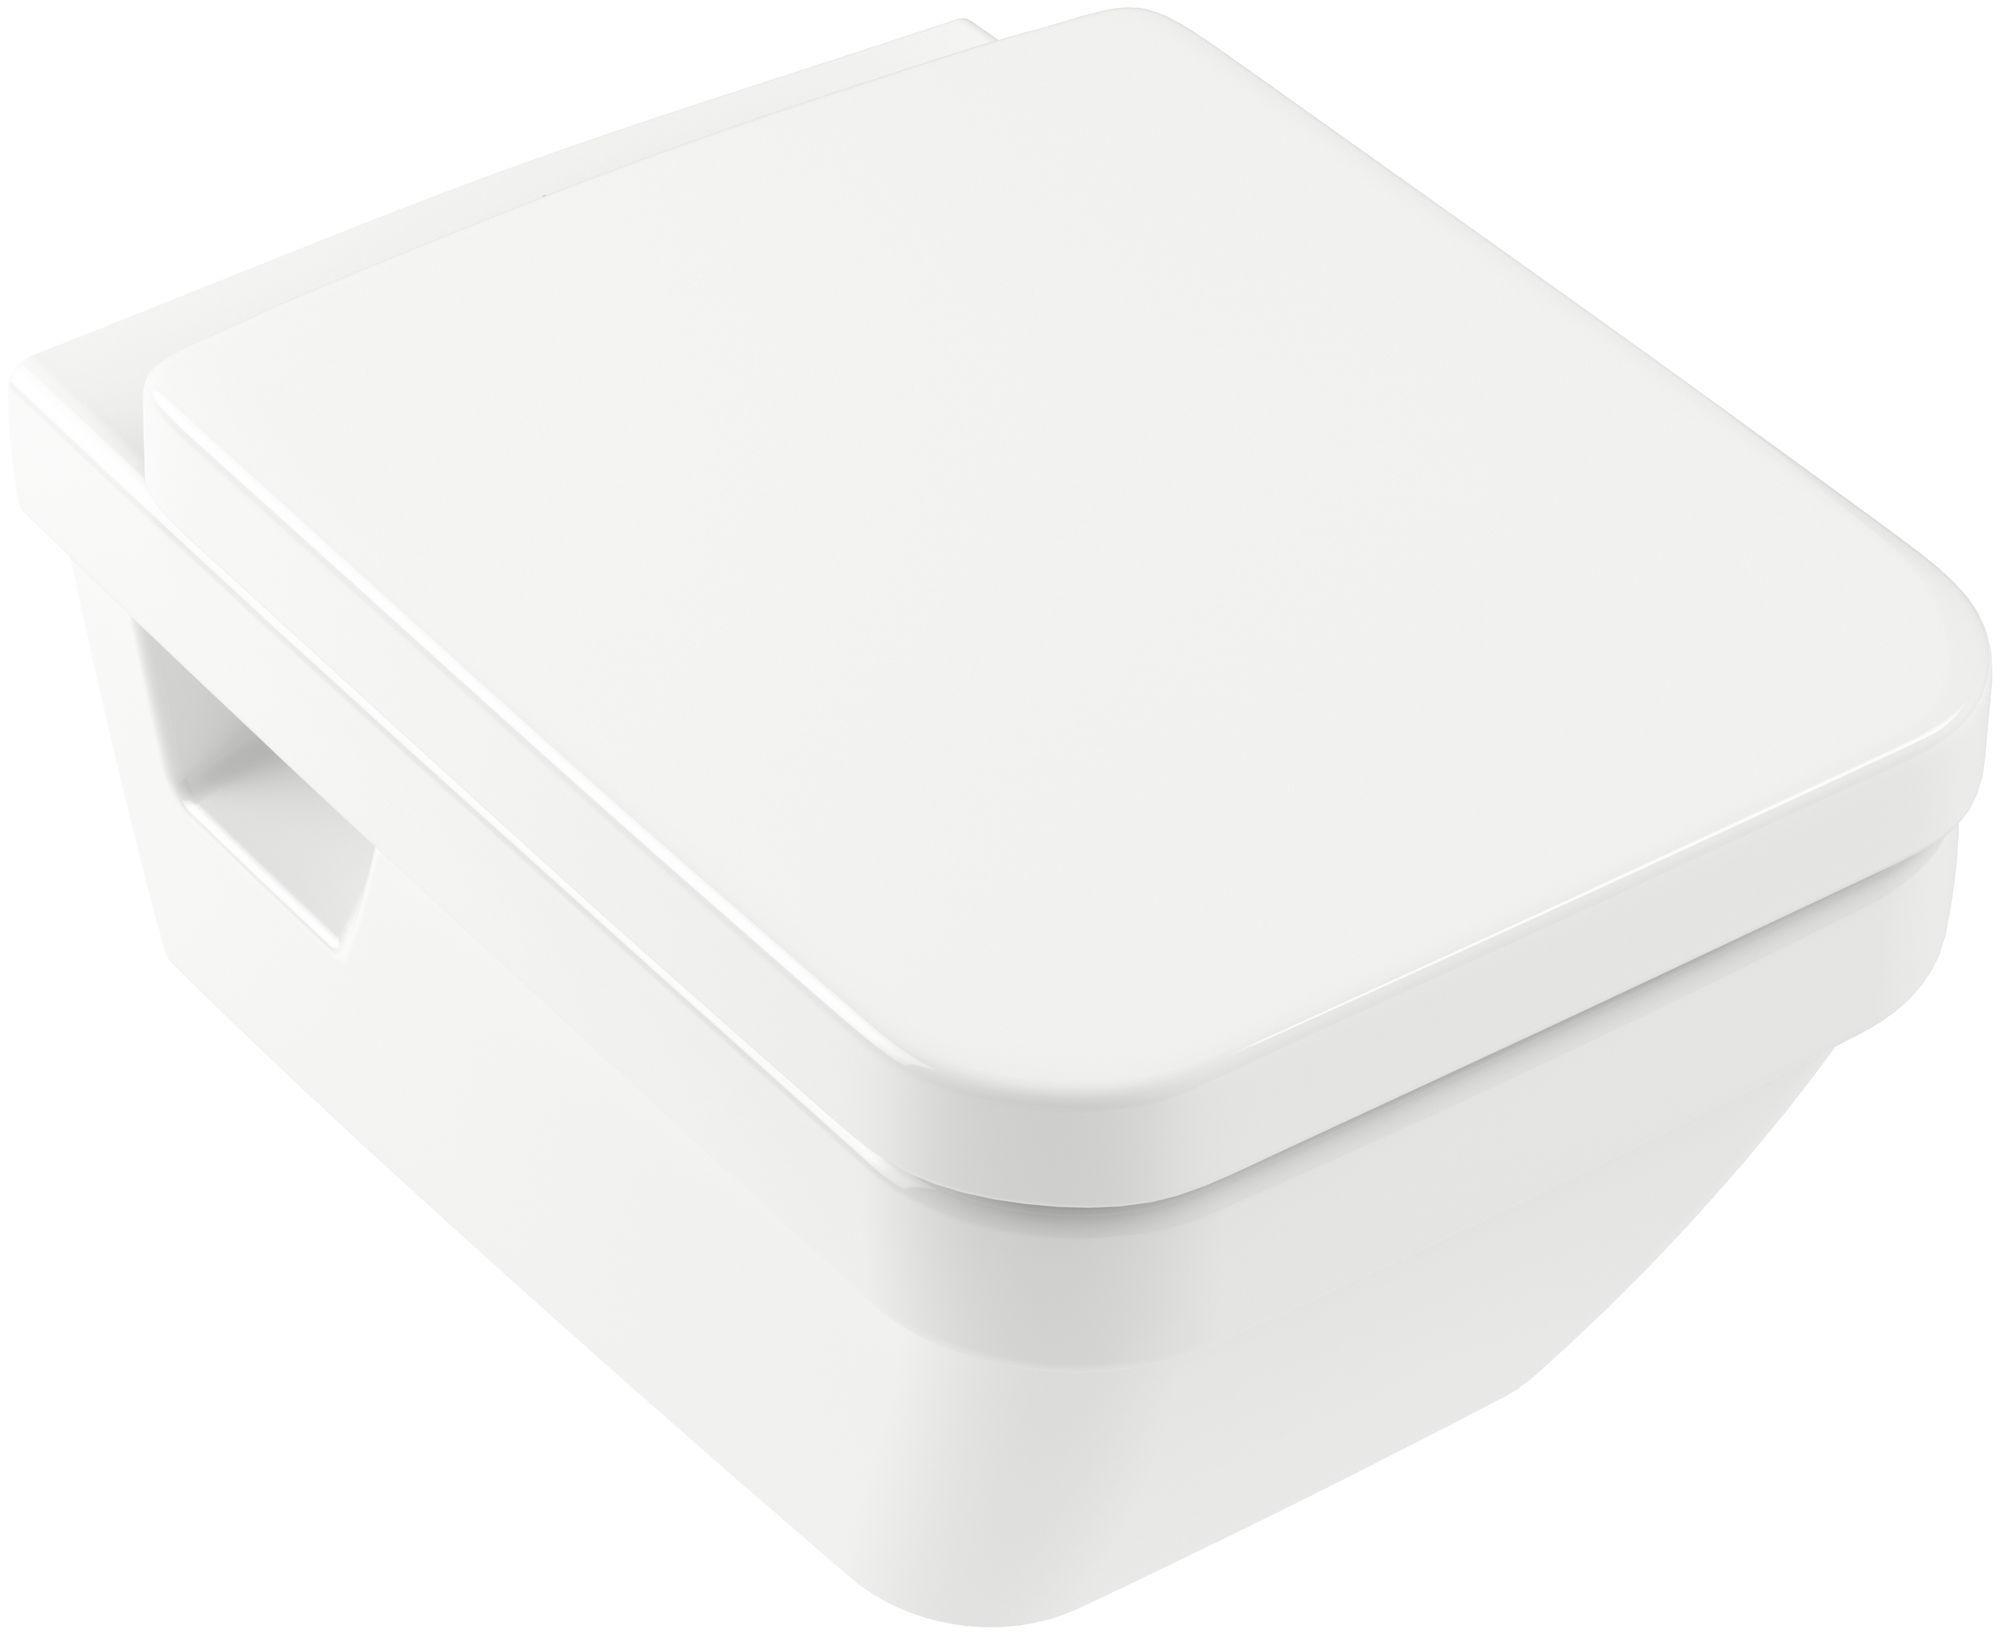 Villeroy & Boch Architectura Combi-Pack mit Wand-Tiefspül-WC DirectFlush mit offenem Spülrand L:56xB:37cm weiß mit CeramicPlus mit WC-Sitz 5685HRR1